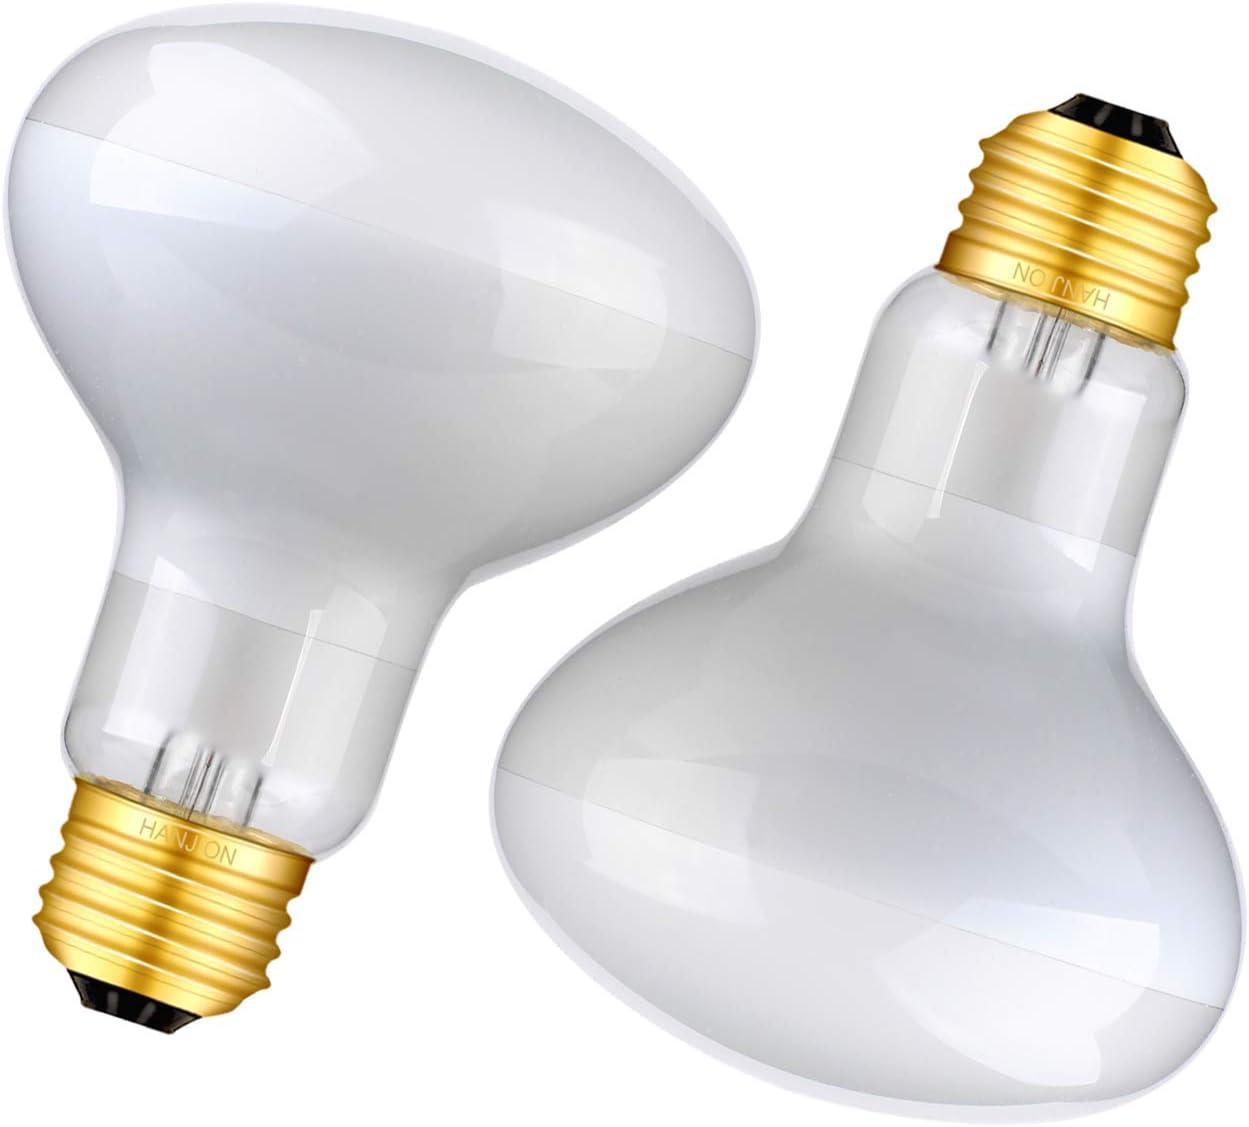 2 Pack Reptile Light Bulb 75W Reptile Infrared Basking Spot Lamp of Bearded Dragon Light Bulbs Infrared Heat Lamp Bulb for Reptile & Amphibian